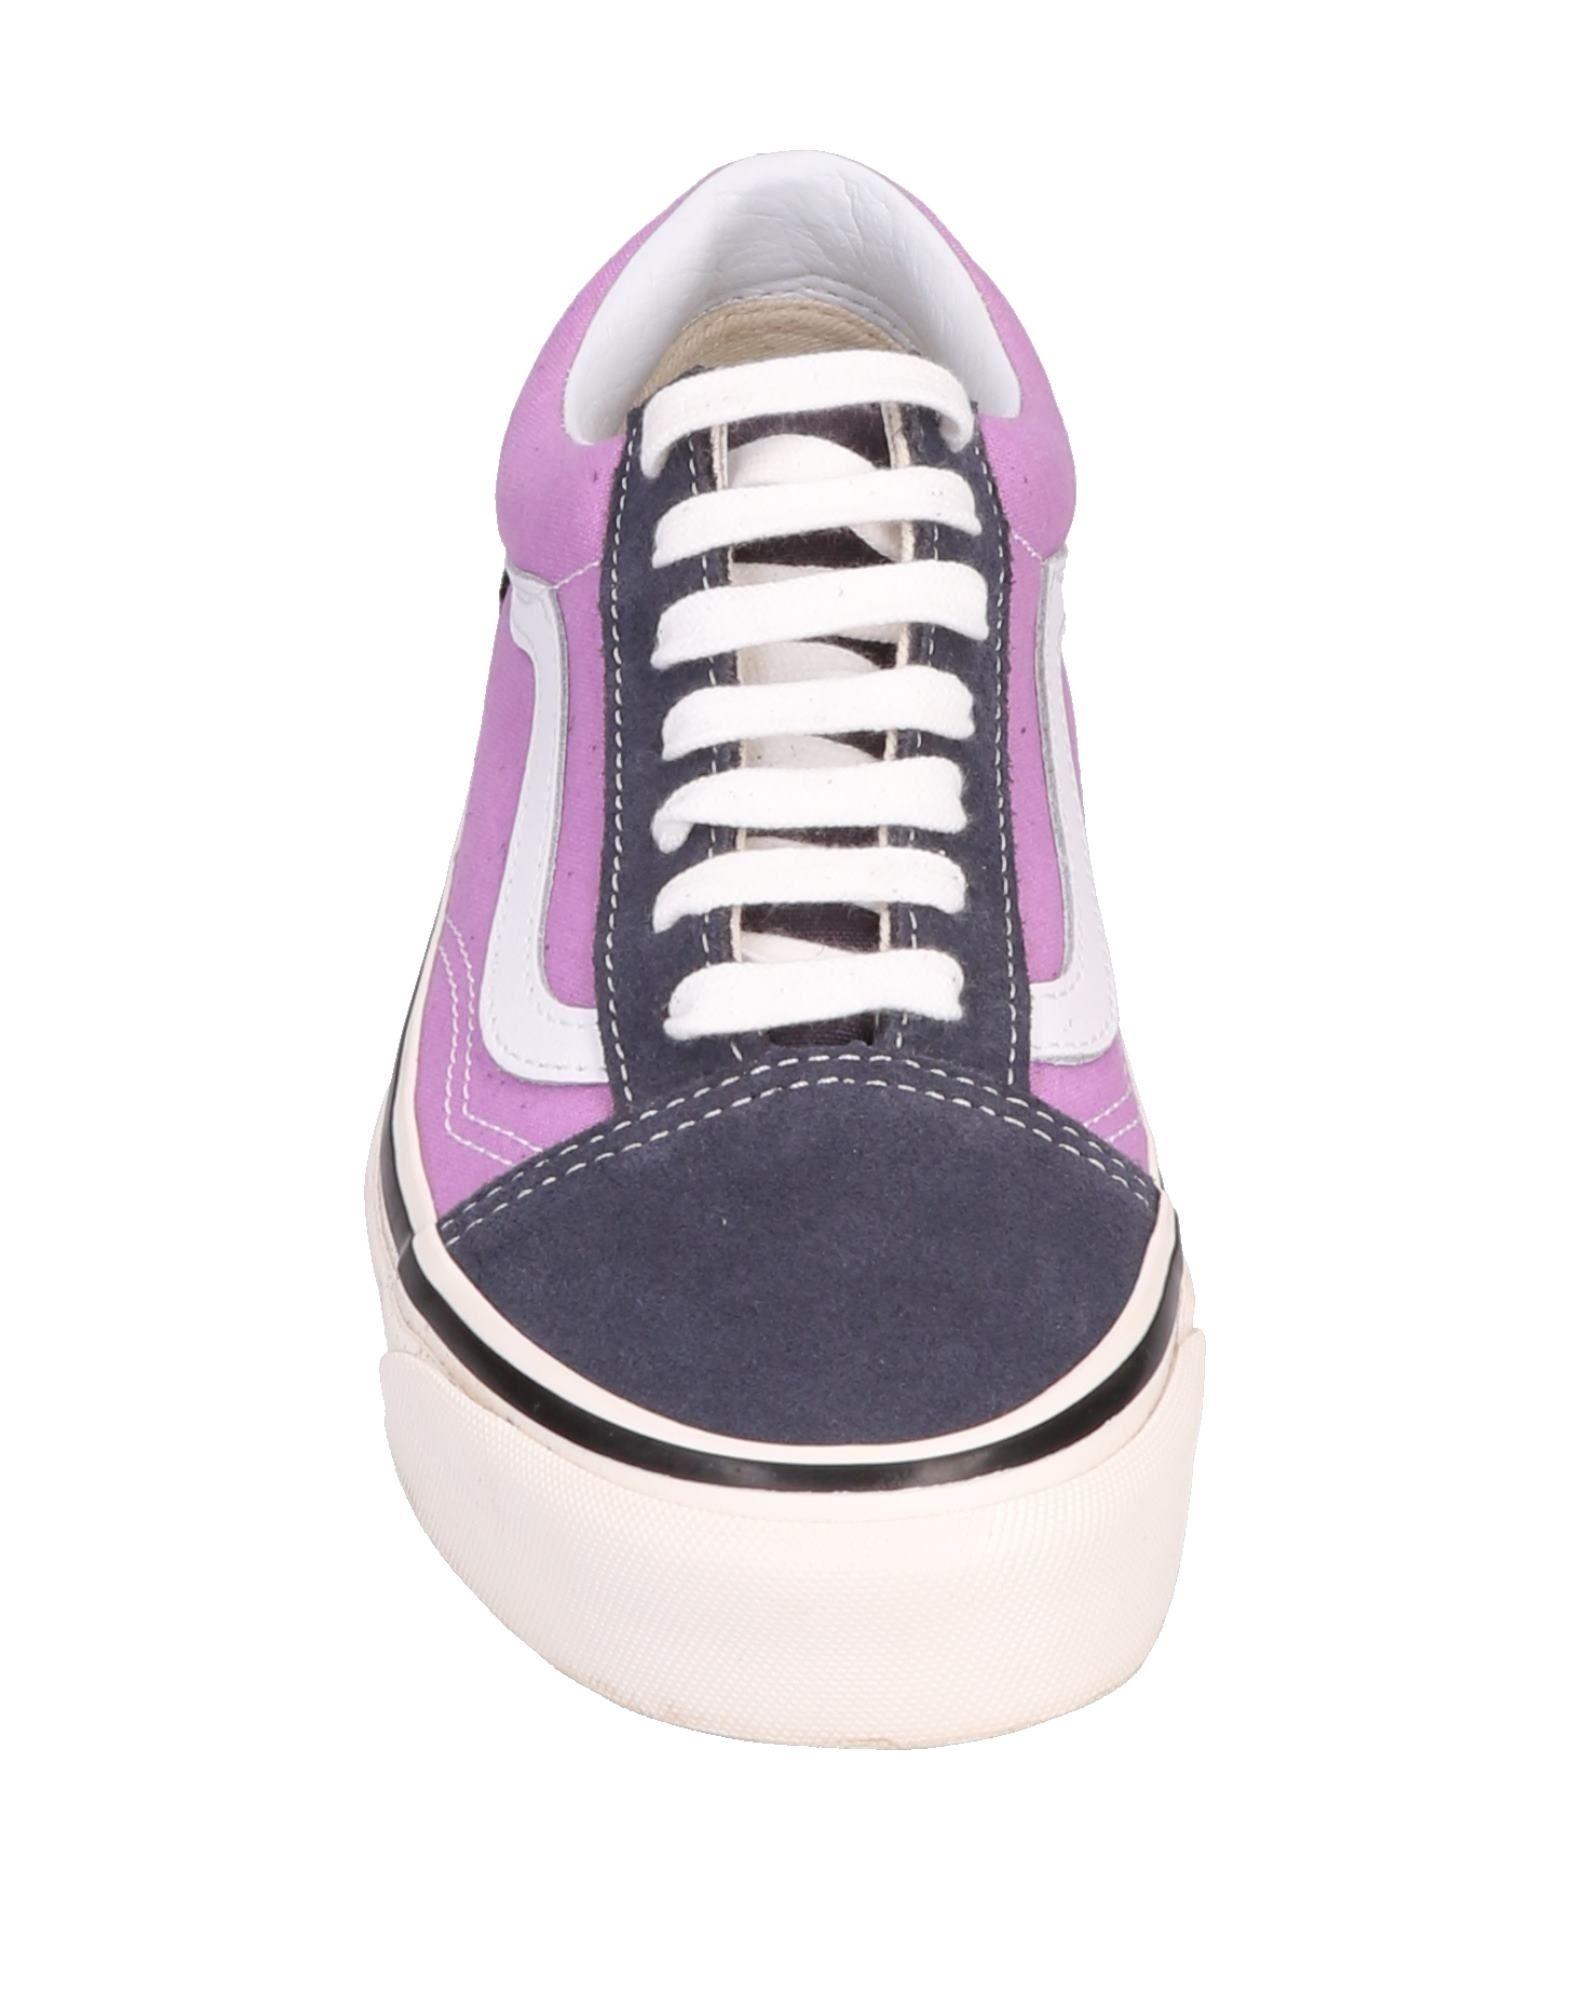 Vans Sneakers Sneakers Sneakers Damen Gutes Preis-Leistungs-Verhältnis, es lohnt sich f23630